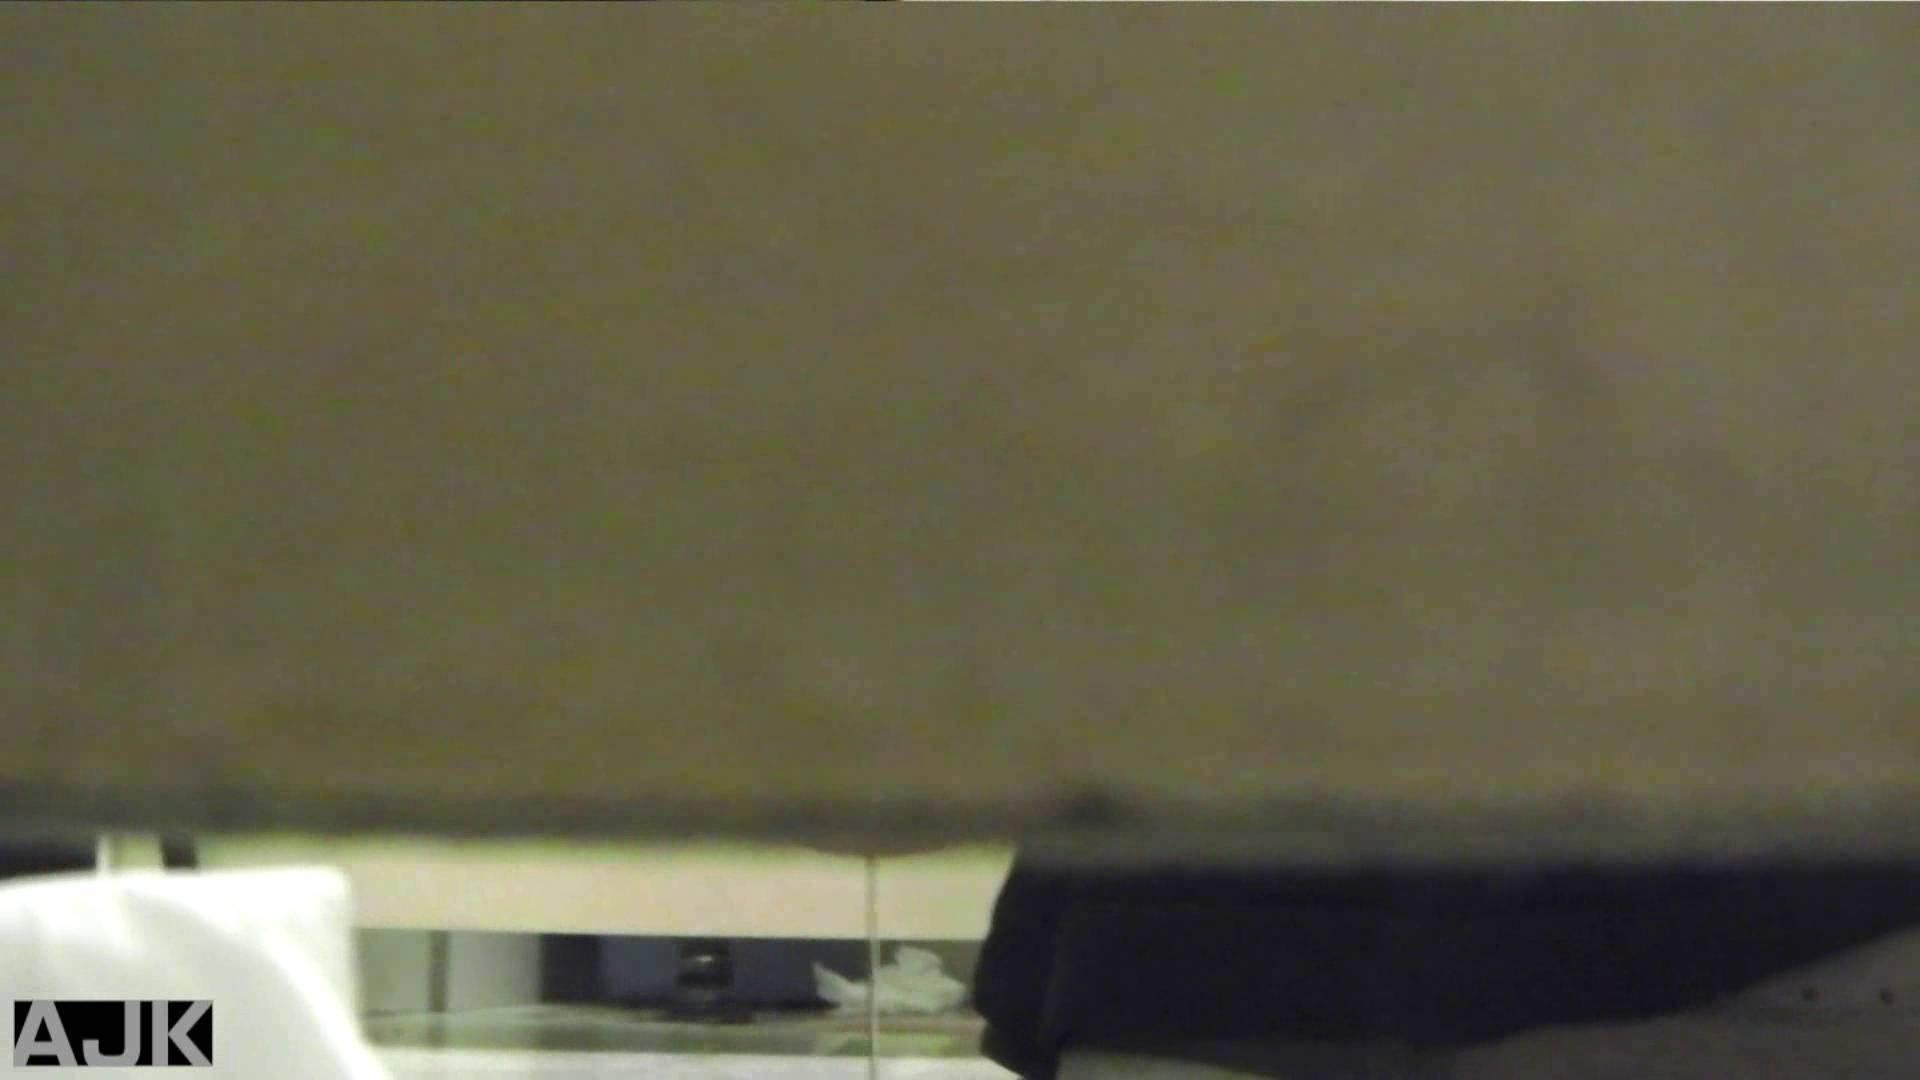 神降臨!史上最強の潜入かわや! vol.16 美しいOLの裸体  106pic 14